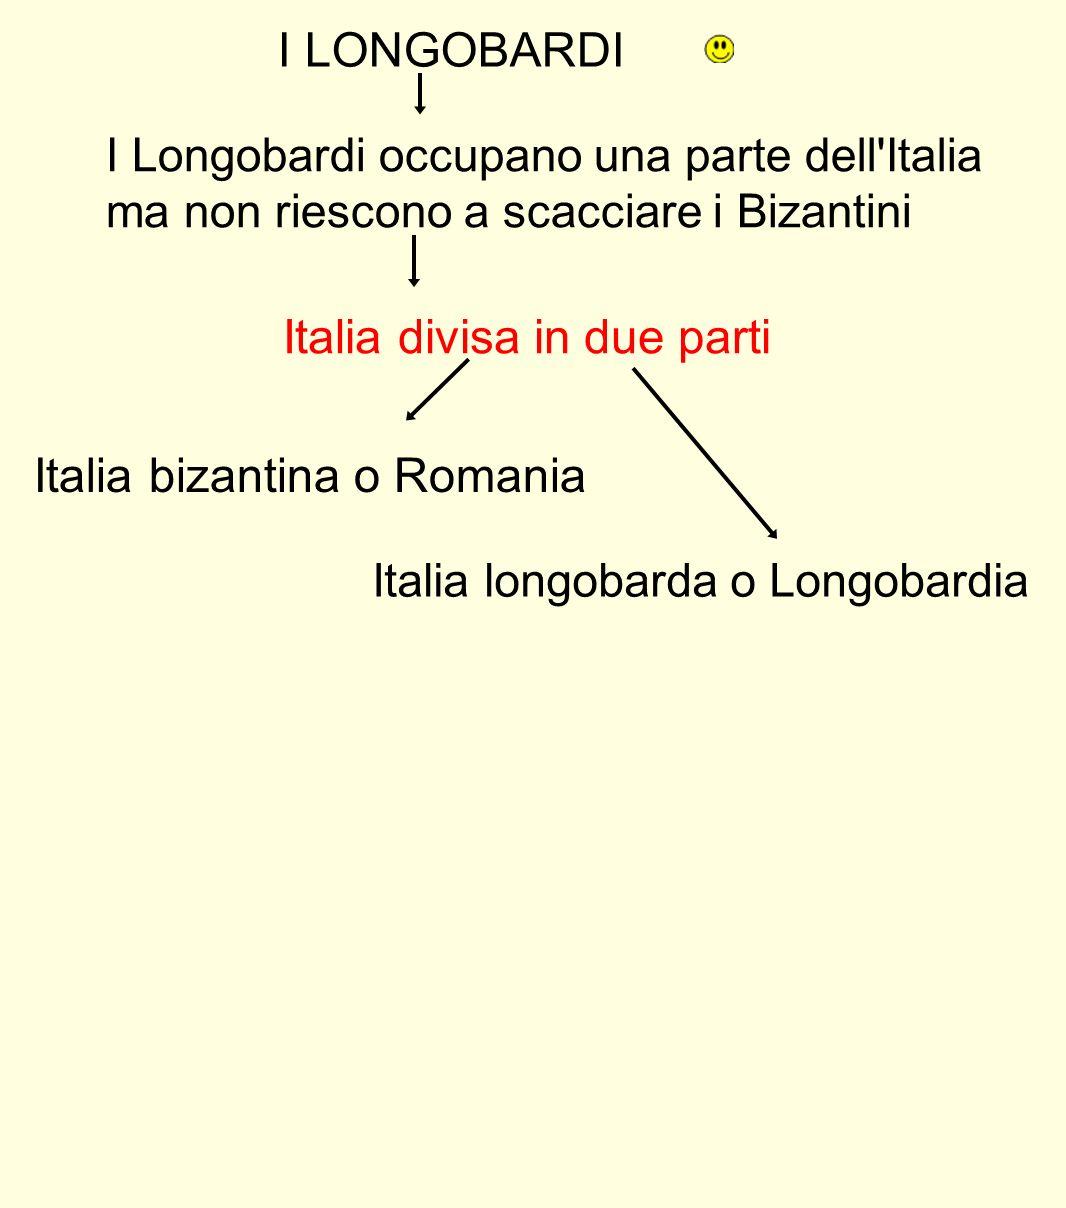 I LONGOBARDI I Longobardi occupano una parte dell Italia ma non riescono a scacciare i Bizantini Italia divisa in due parti Italia bizantina o Romania Italia longobarda o Longobardia